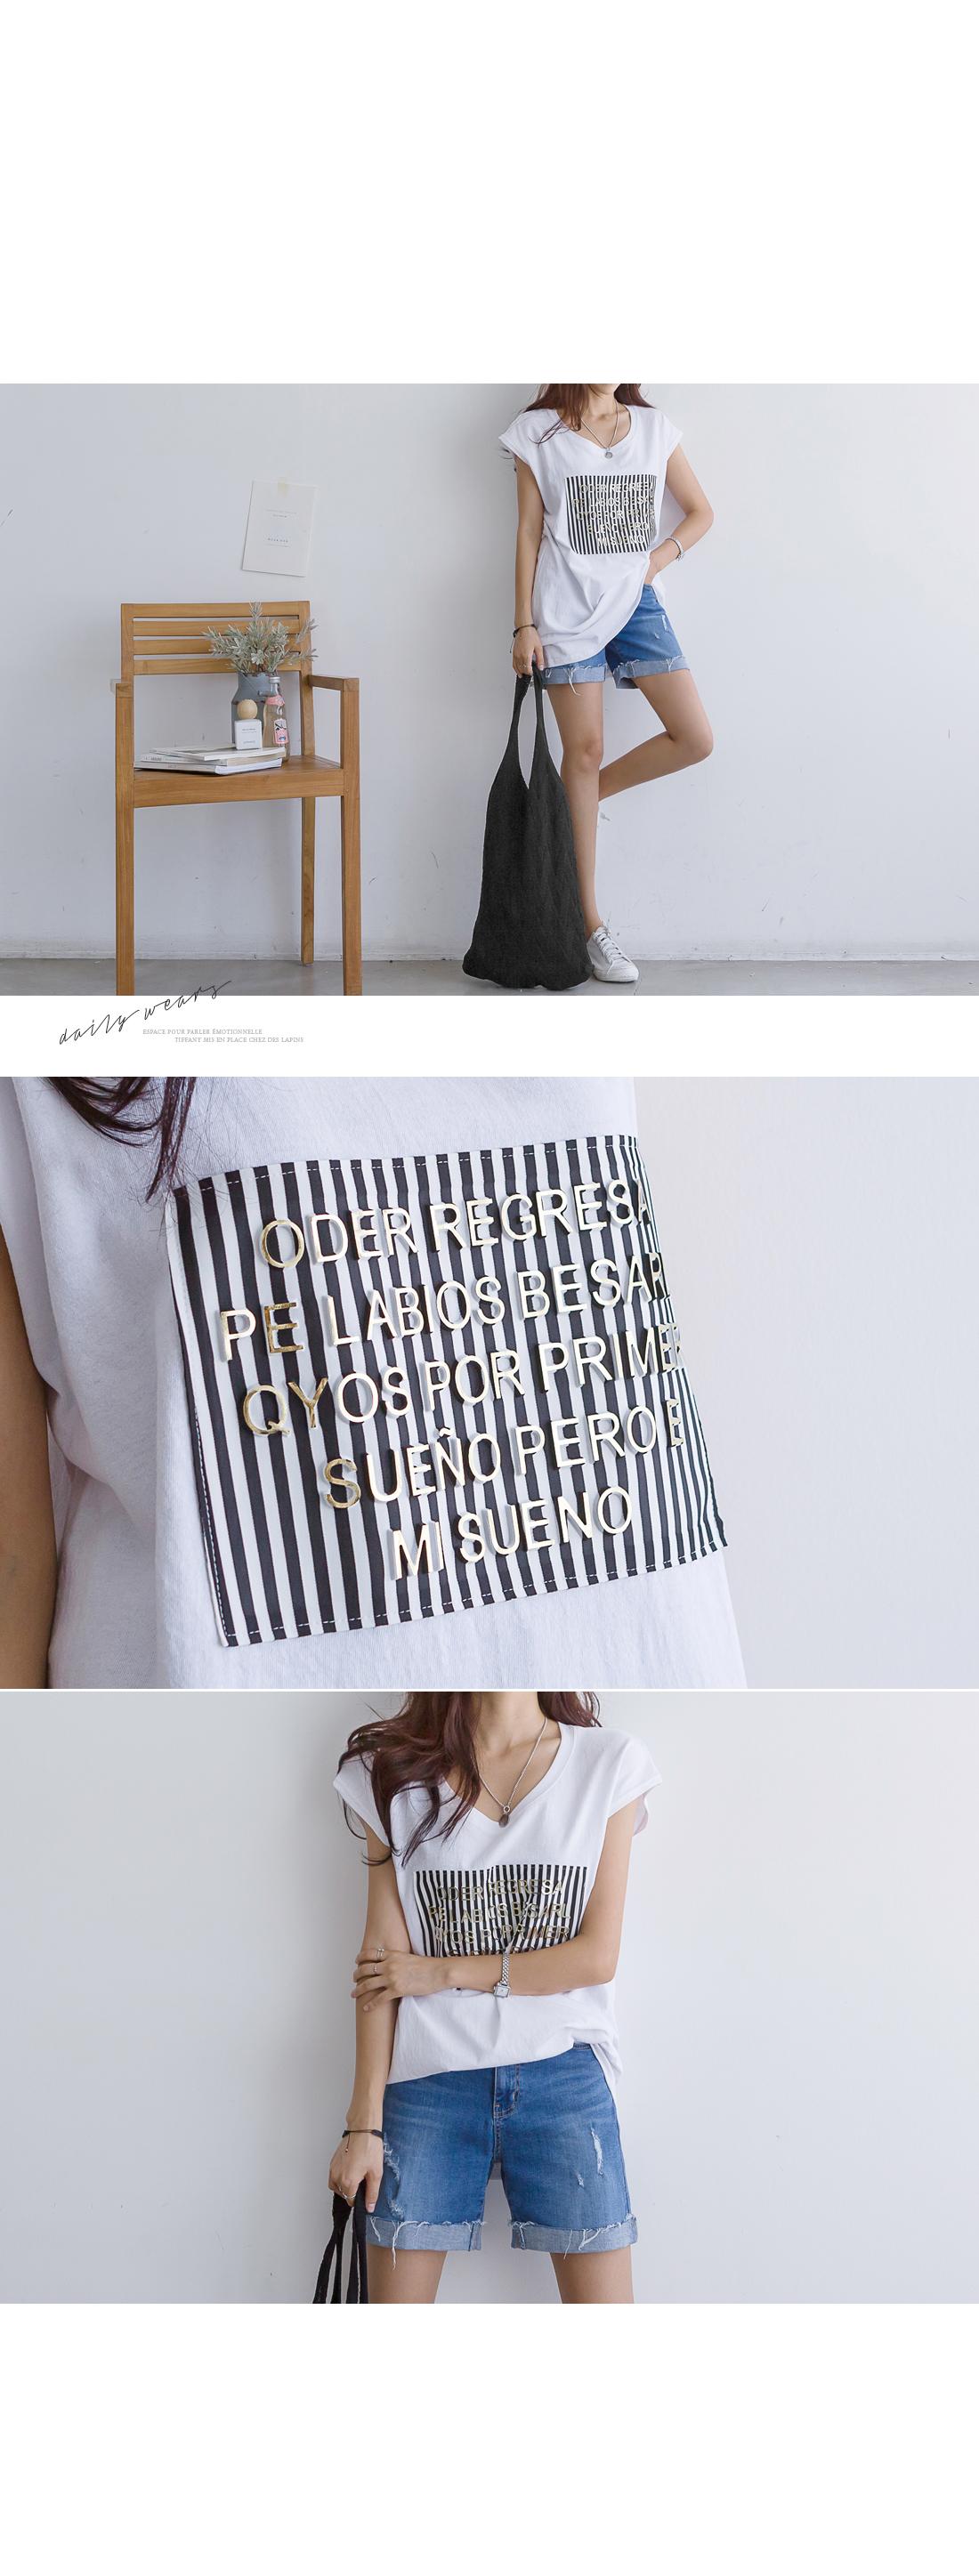 Bling Foam Lettering Long T-shirt #105895